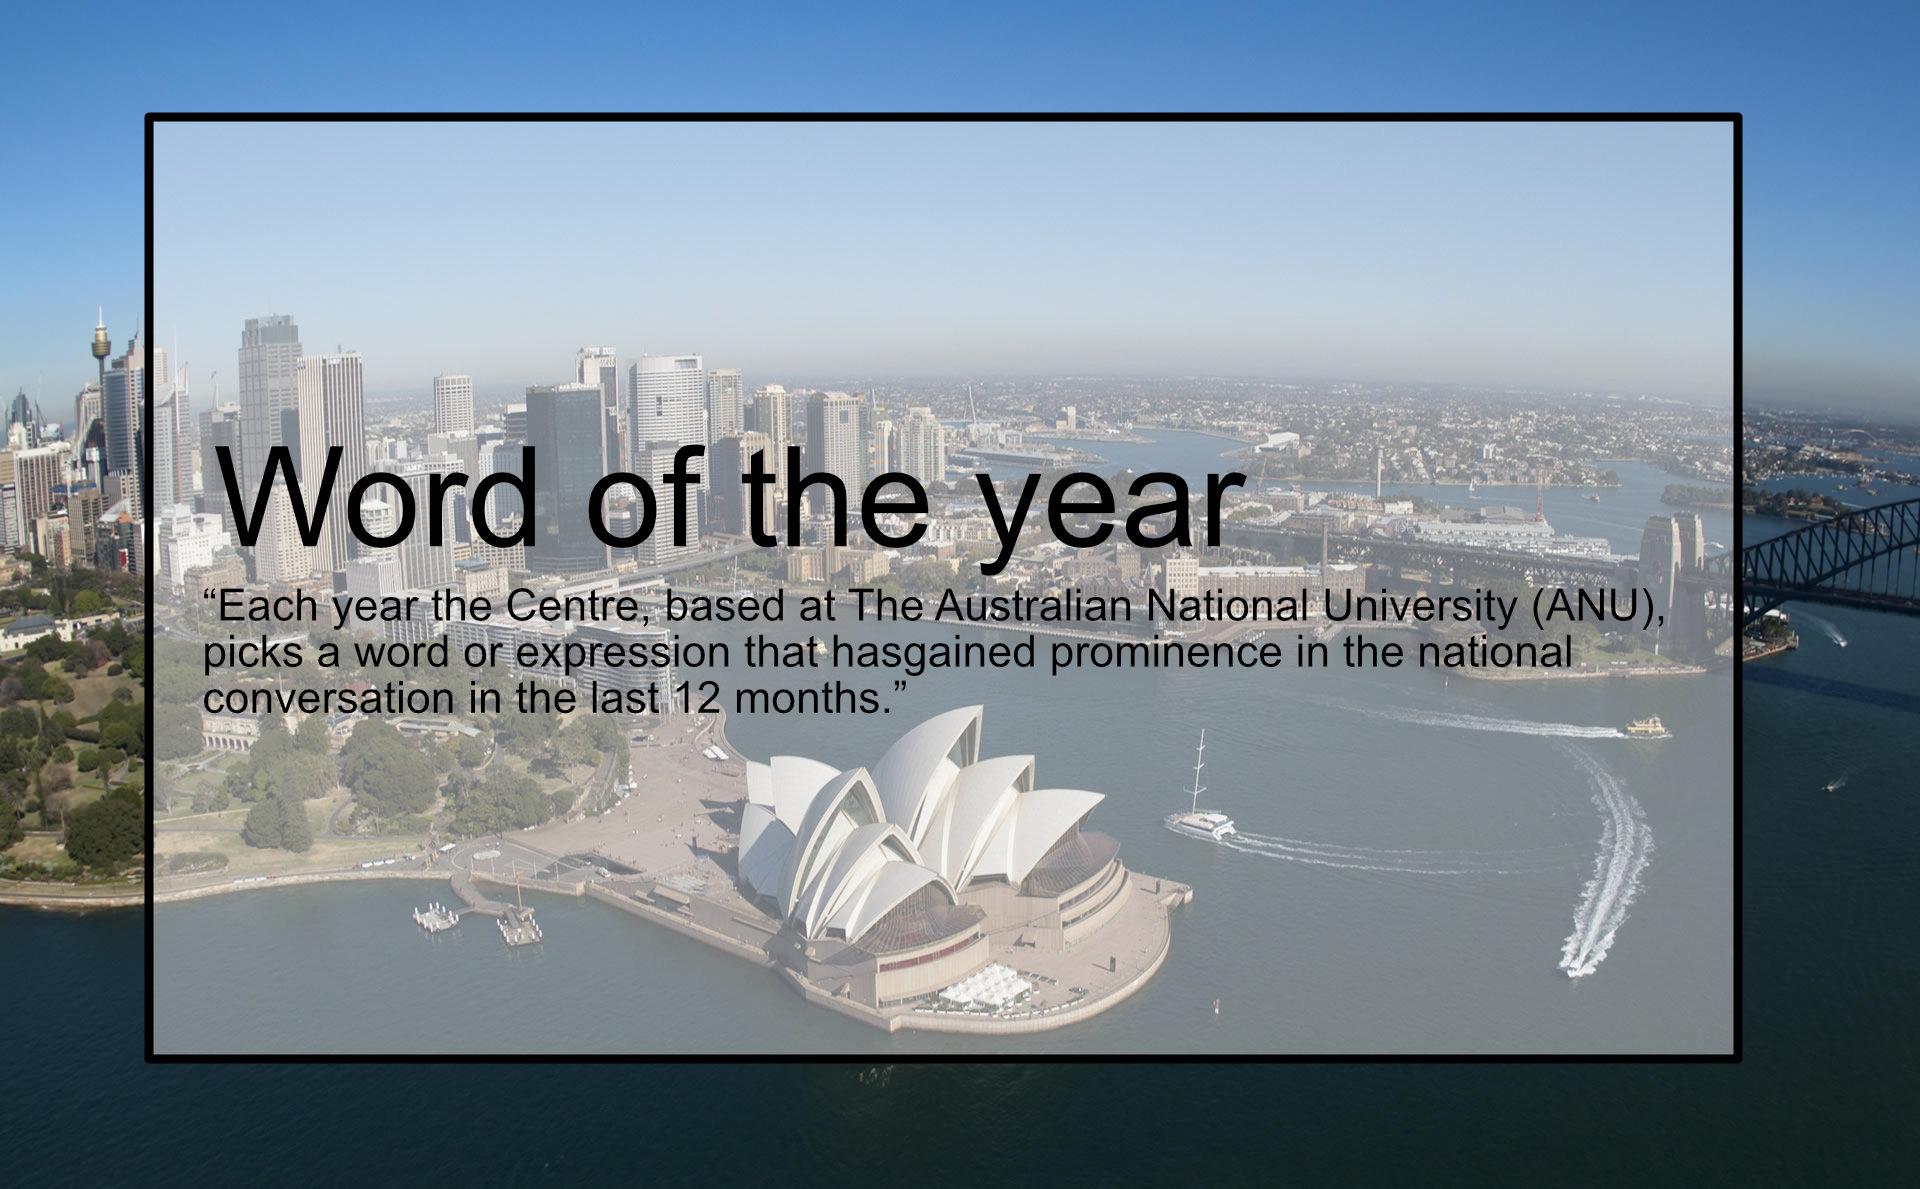 オーストラリアの「今年の単語」を調べてみました